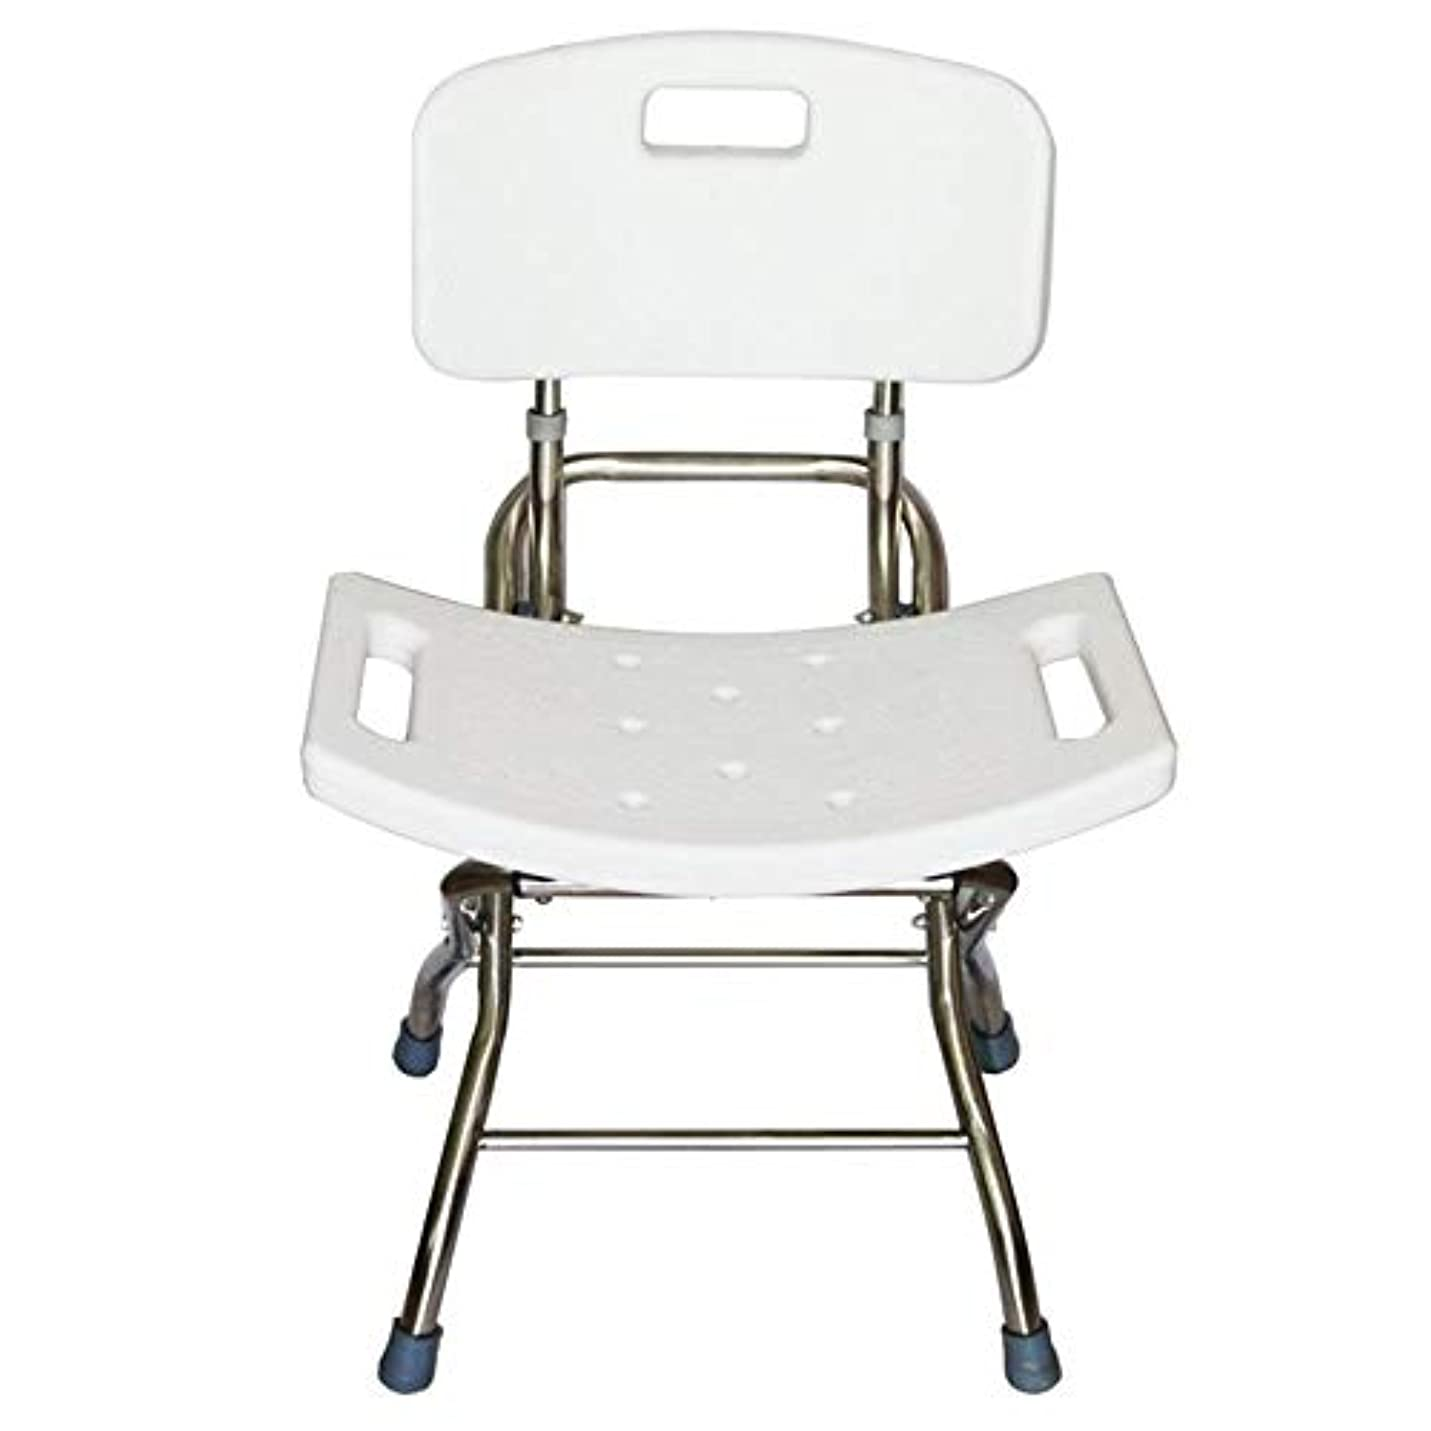 再撮り寺院これら背部およびシャワー?ヘッドのホールダーが付いているデラックスな高さの調節可能なアルミニウムBath/シャワーの椅子